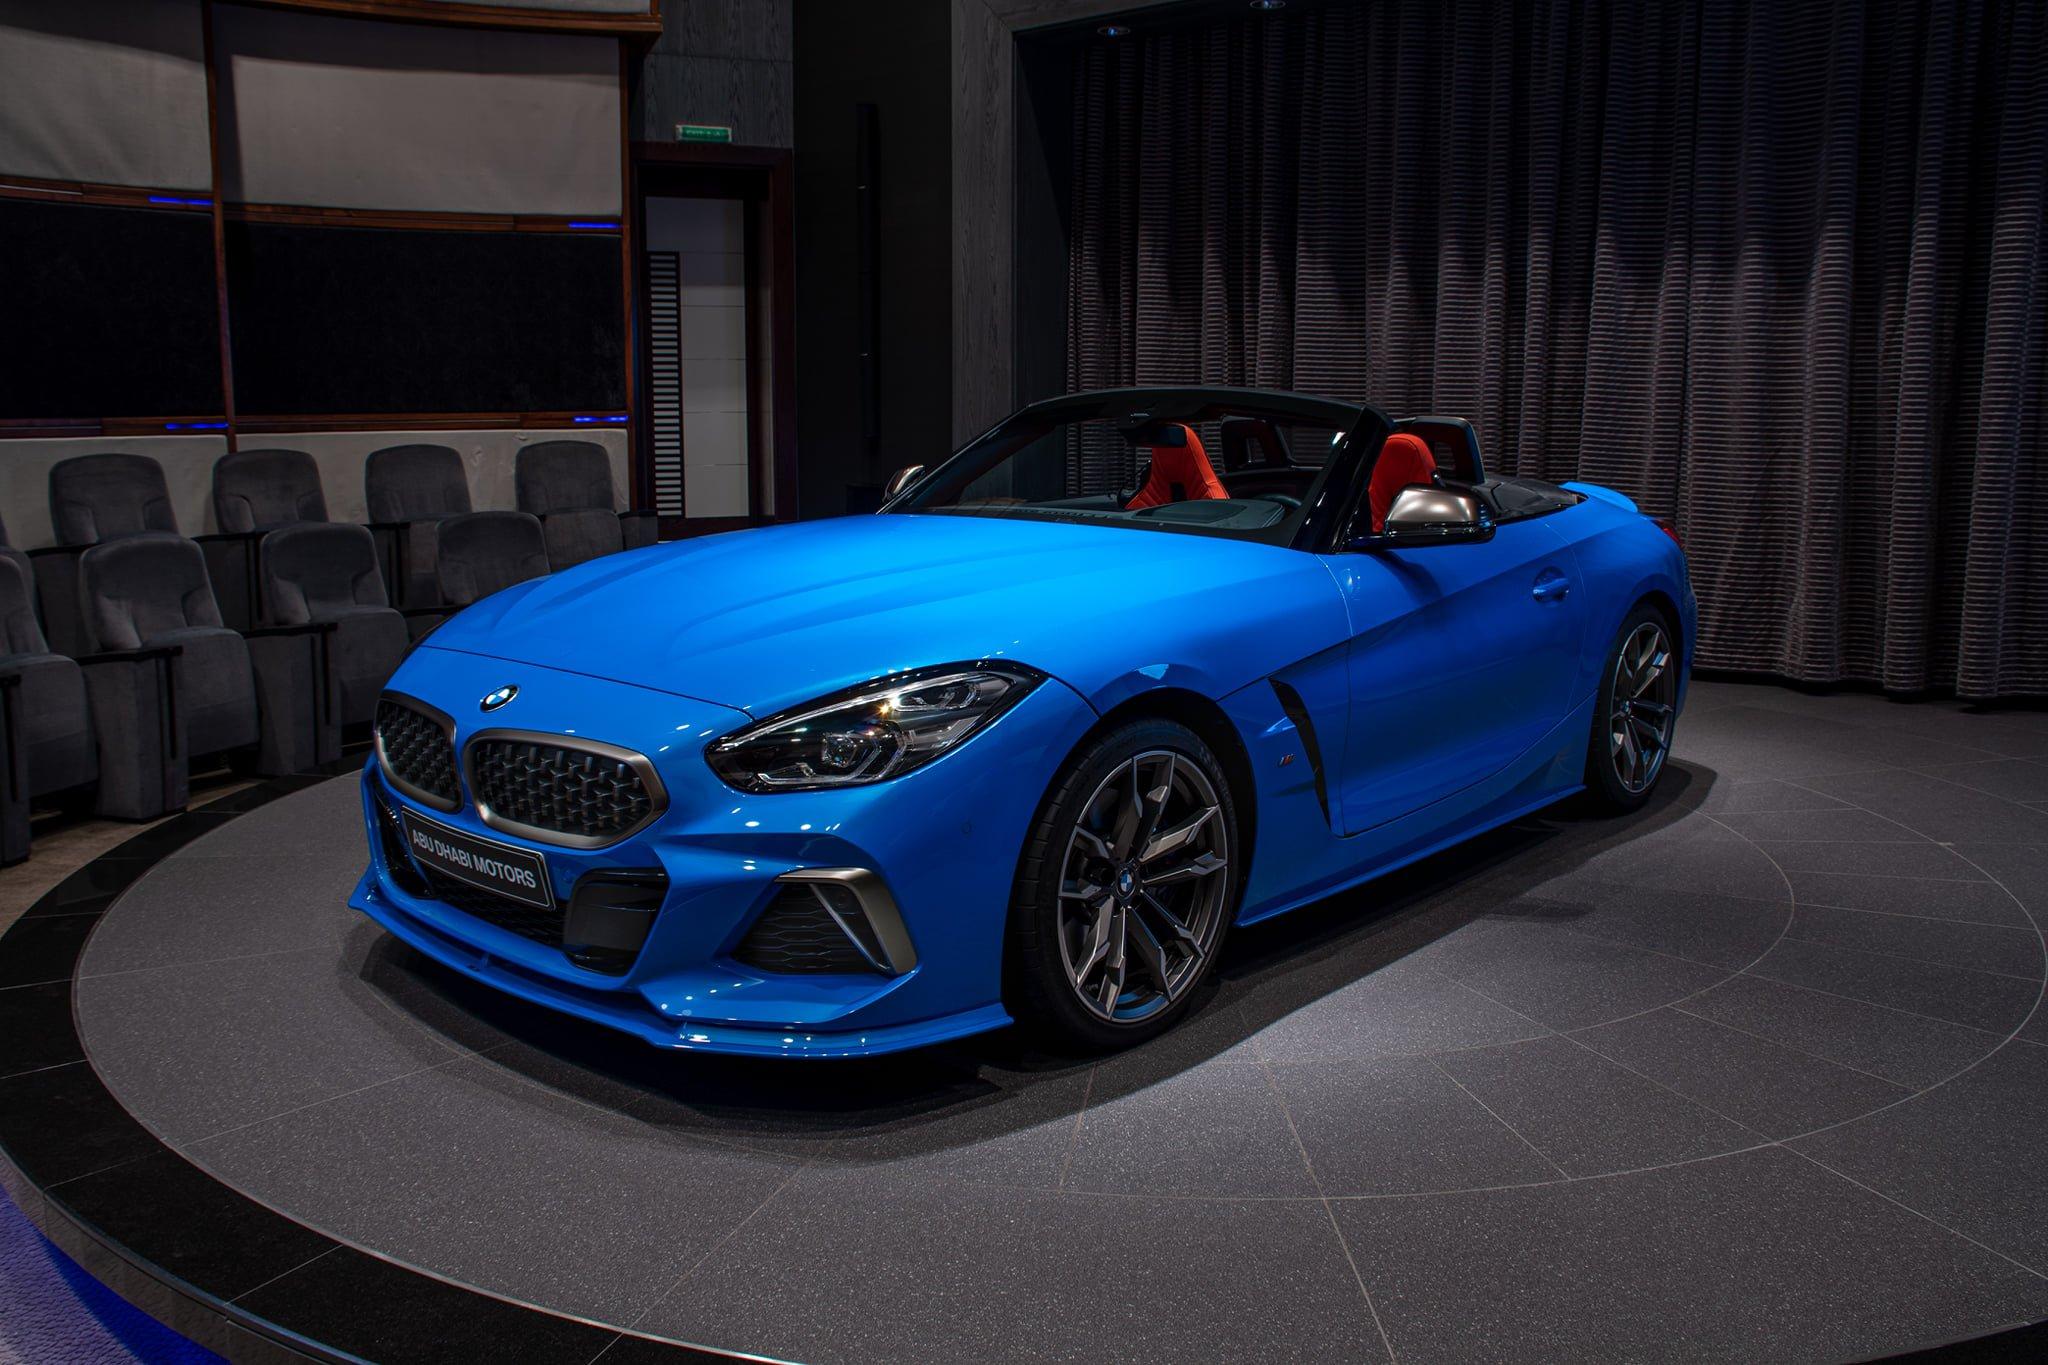 Misano Blue BMW Z4 by AC Schnitzer